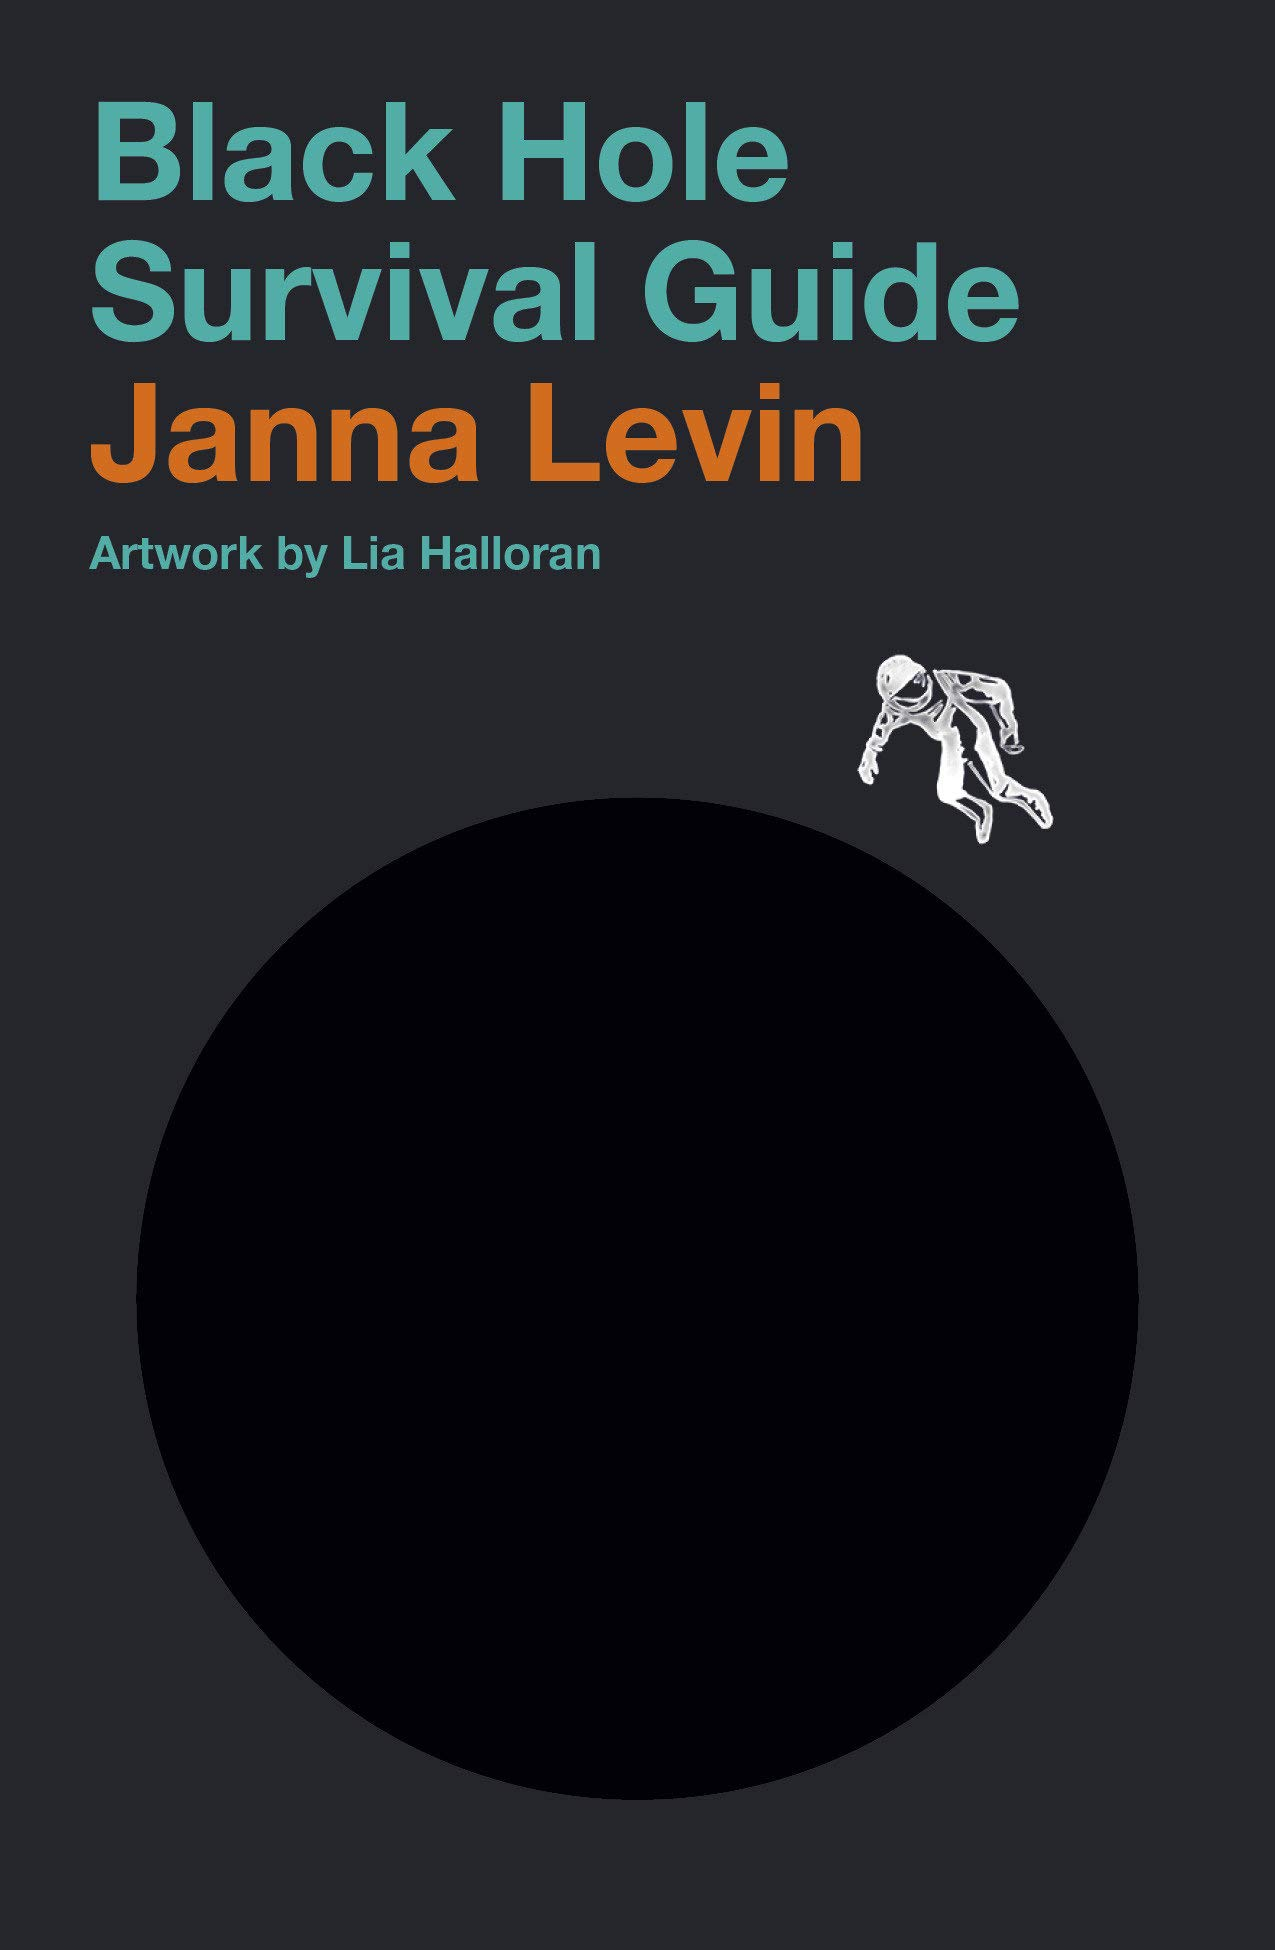 Black Hole Survival Guide